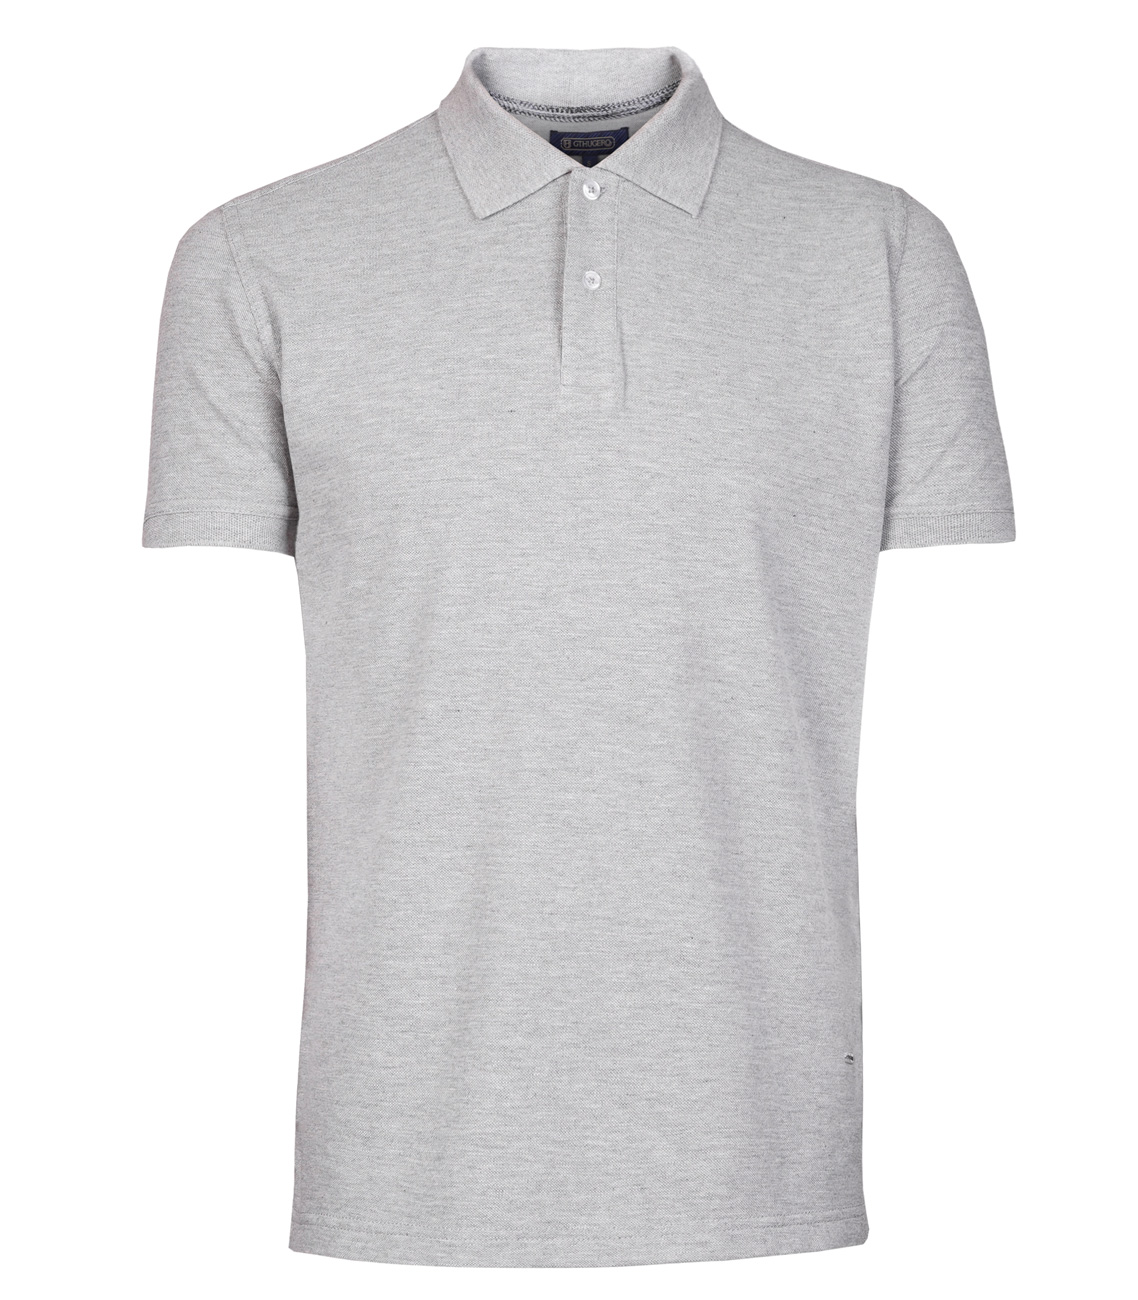 پولوشرت (polo shirt) مردانه دو دوگمه پوشاک مردانه هوگرو